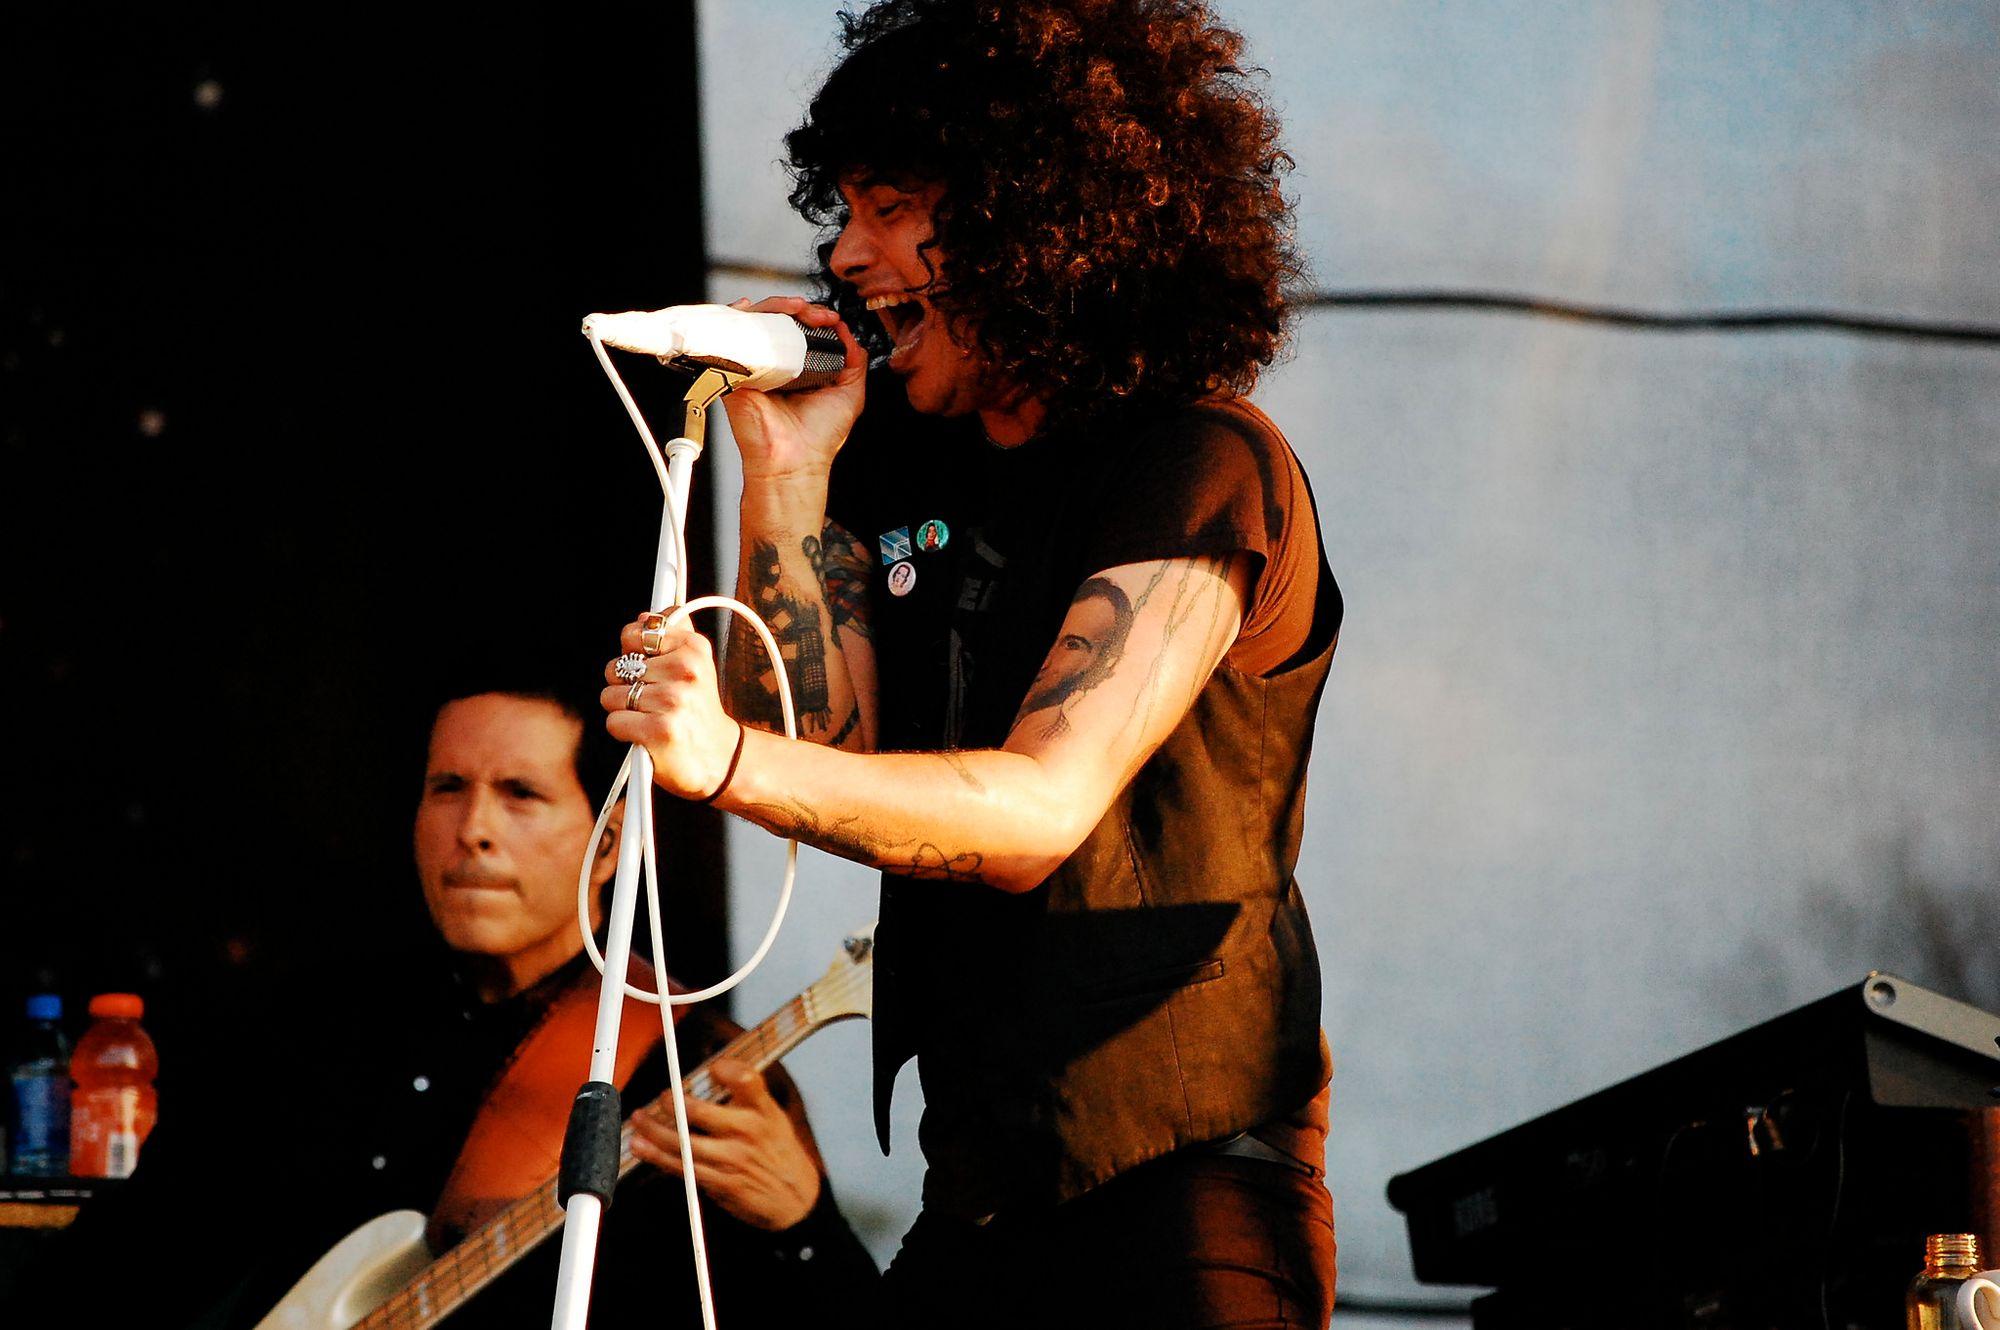 The singer for the Mars Volta, Cedric Bixler-Zavala, at Bonnaroo in 2009